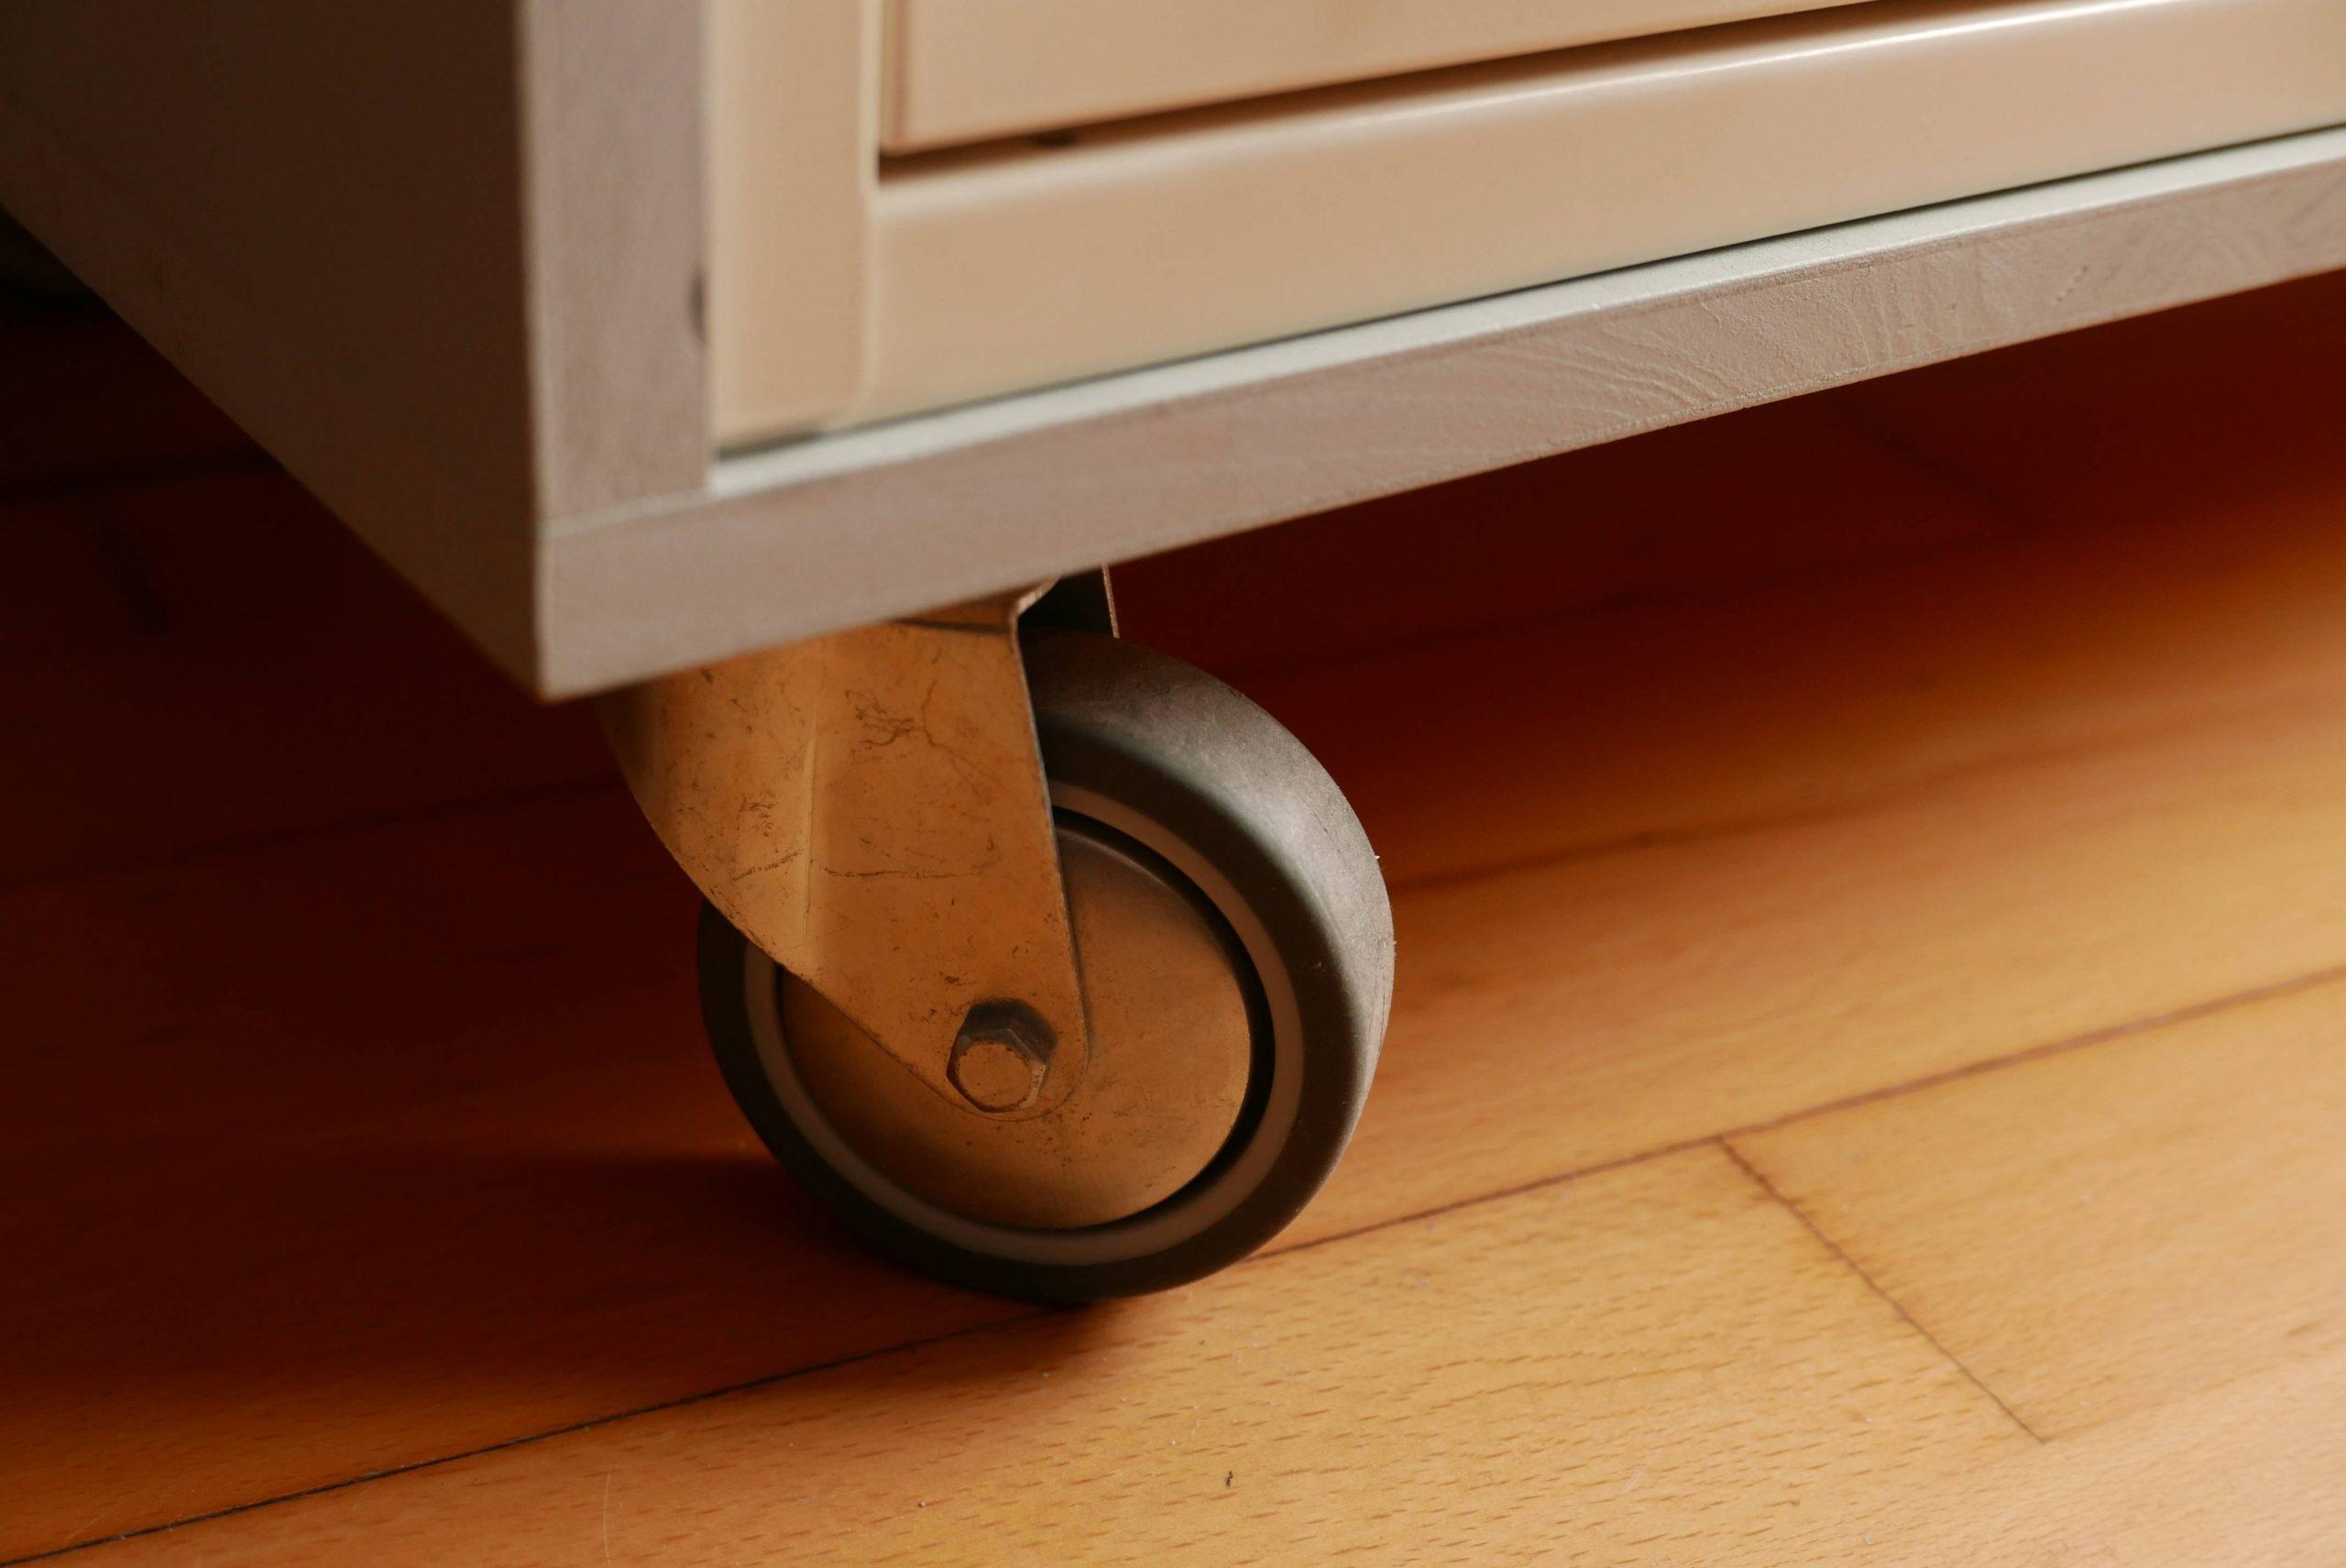 Detail eines Schubladenschranks - eine Gummi Rolle